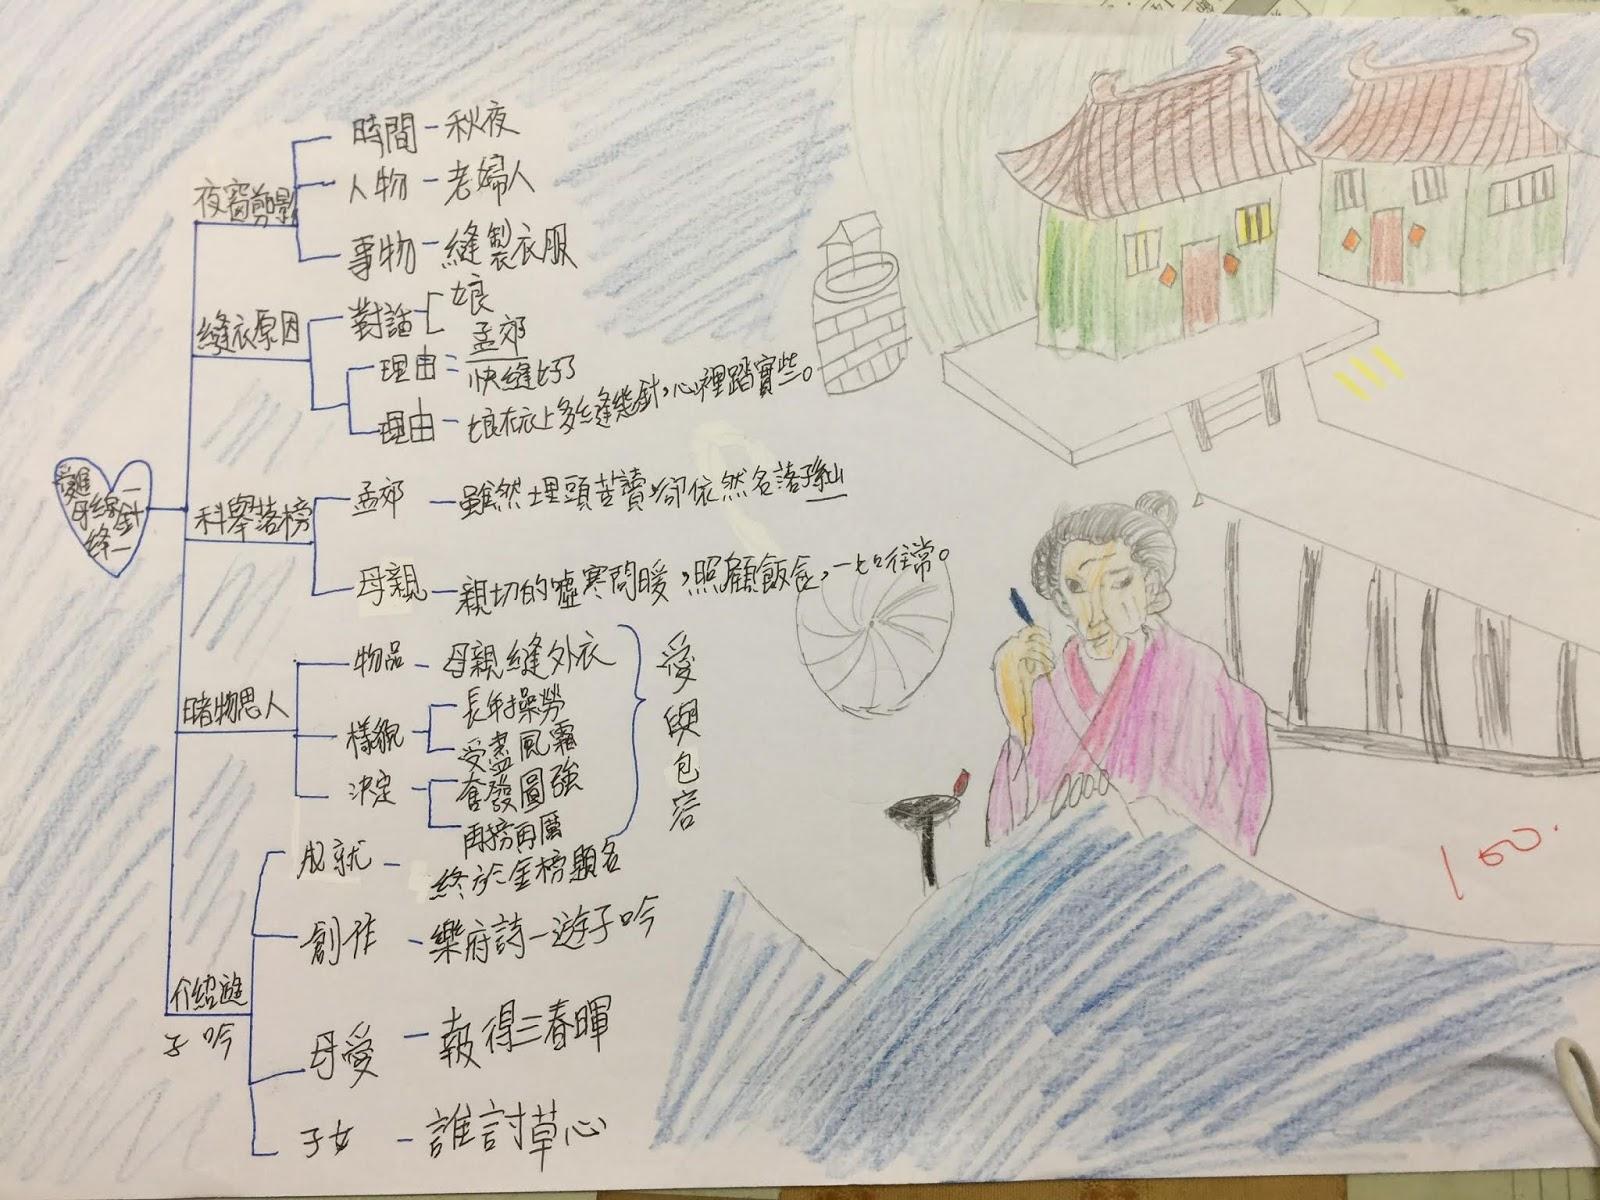 翻轉吧!課堂: 國語南一五下MAPS教學 第七課 一針一線縫進母愛